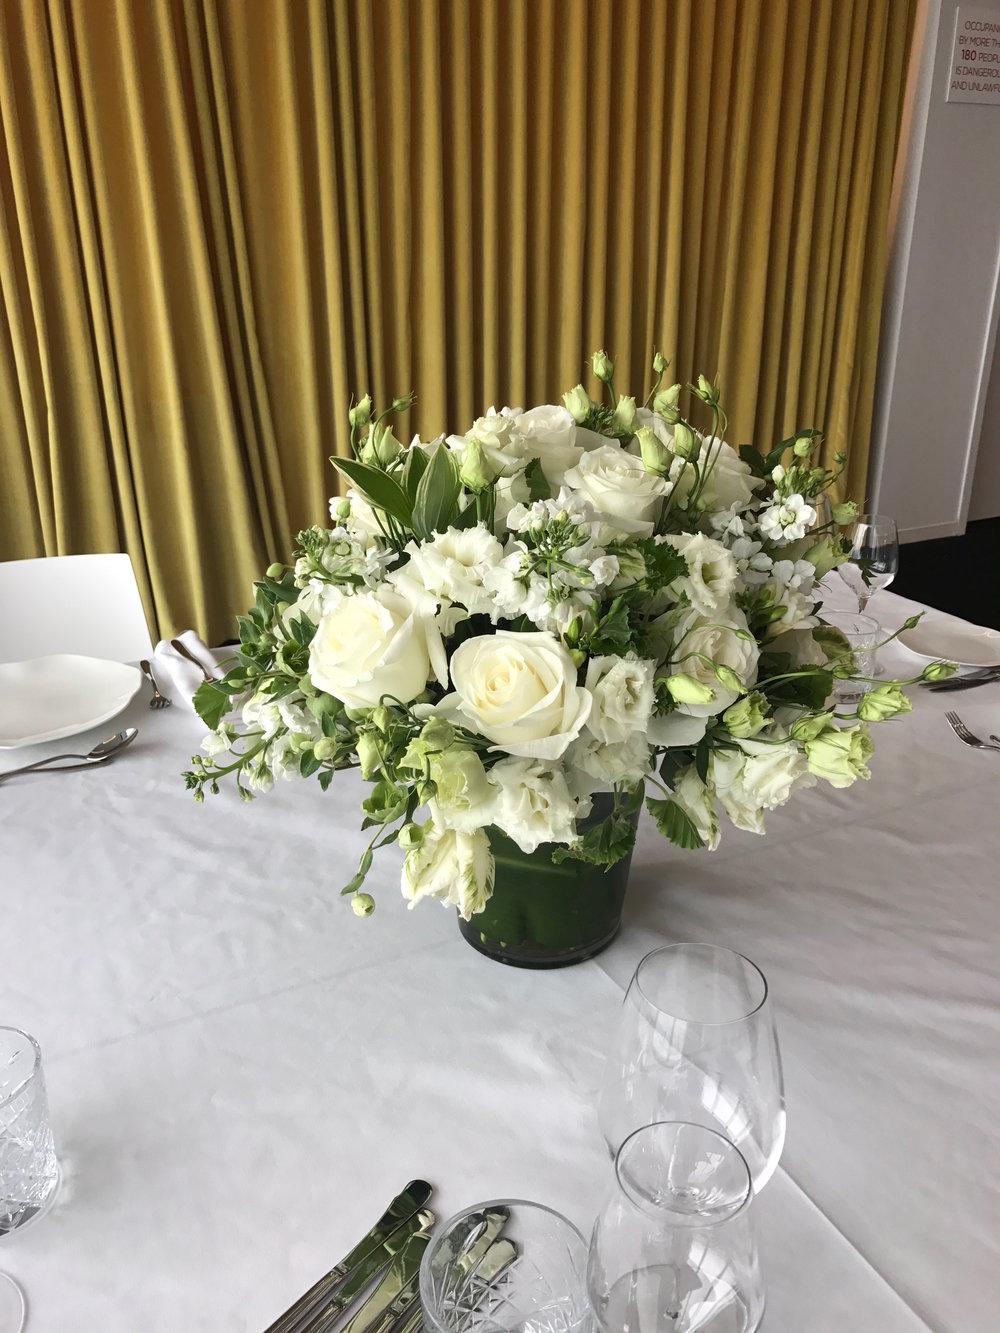 Elegant Floral Arrangement - B Floral